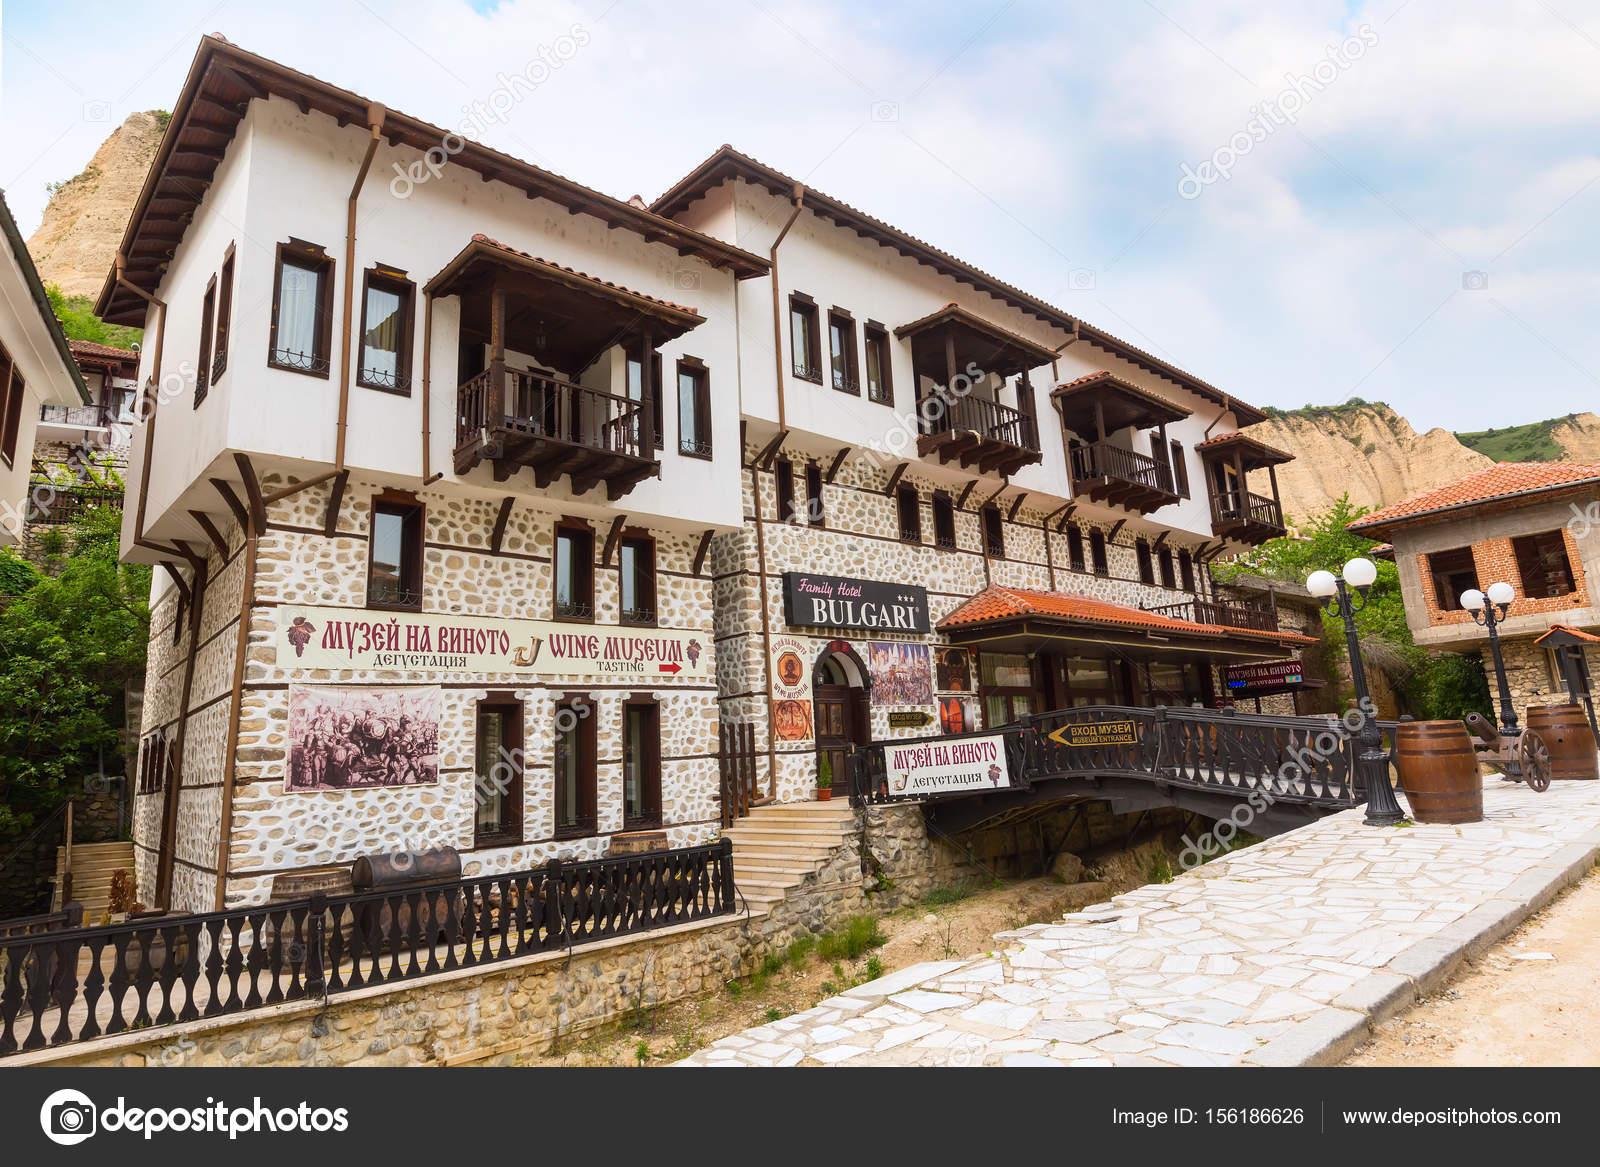 Casa tradizionale nella citt di melnik bulgaria foto for Piani di casa artigiano tradizionale